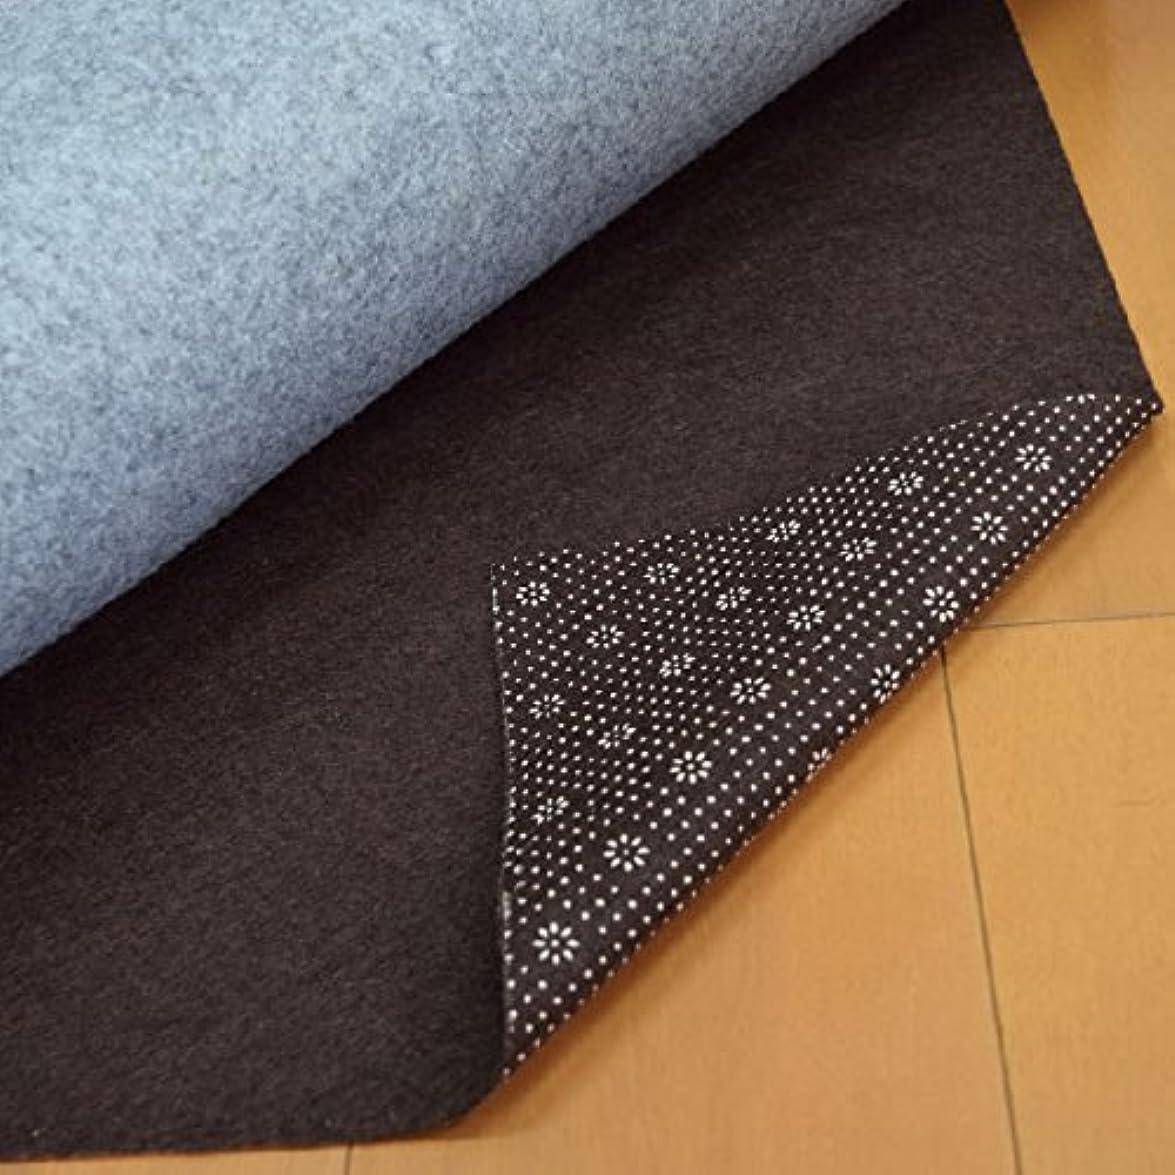 単独で艶仲良し花形ドットが滑り止め効果をさらにUPさせる!フリーカット&不織布の滑り止めシート ブラウン180cm×230cm 3畳サイズ ラグ?カーペット対応